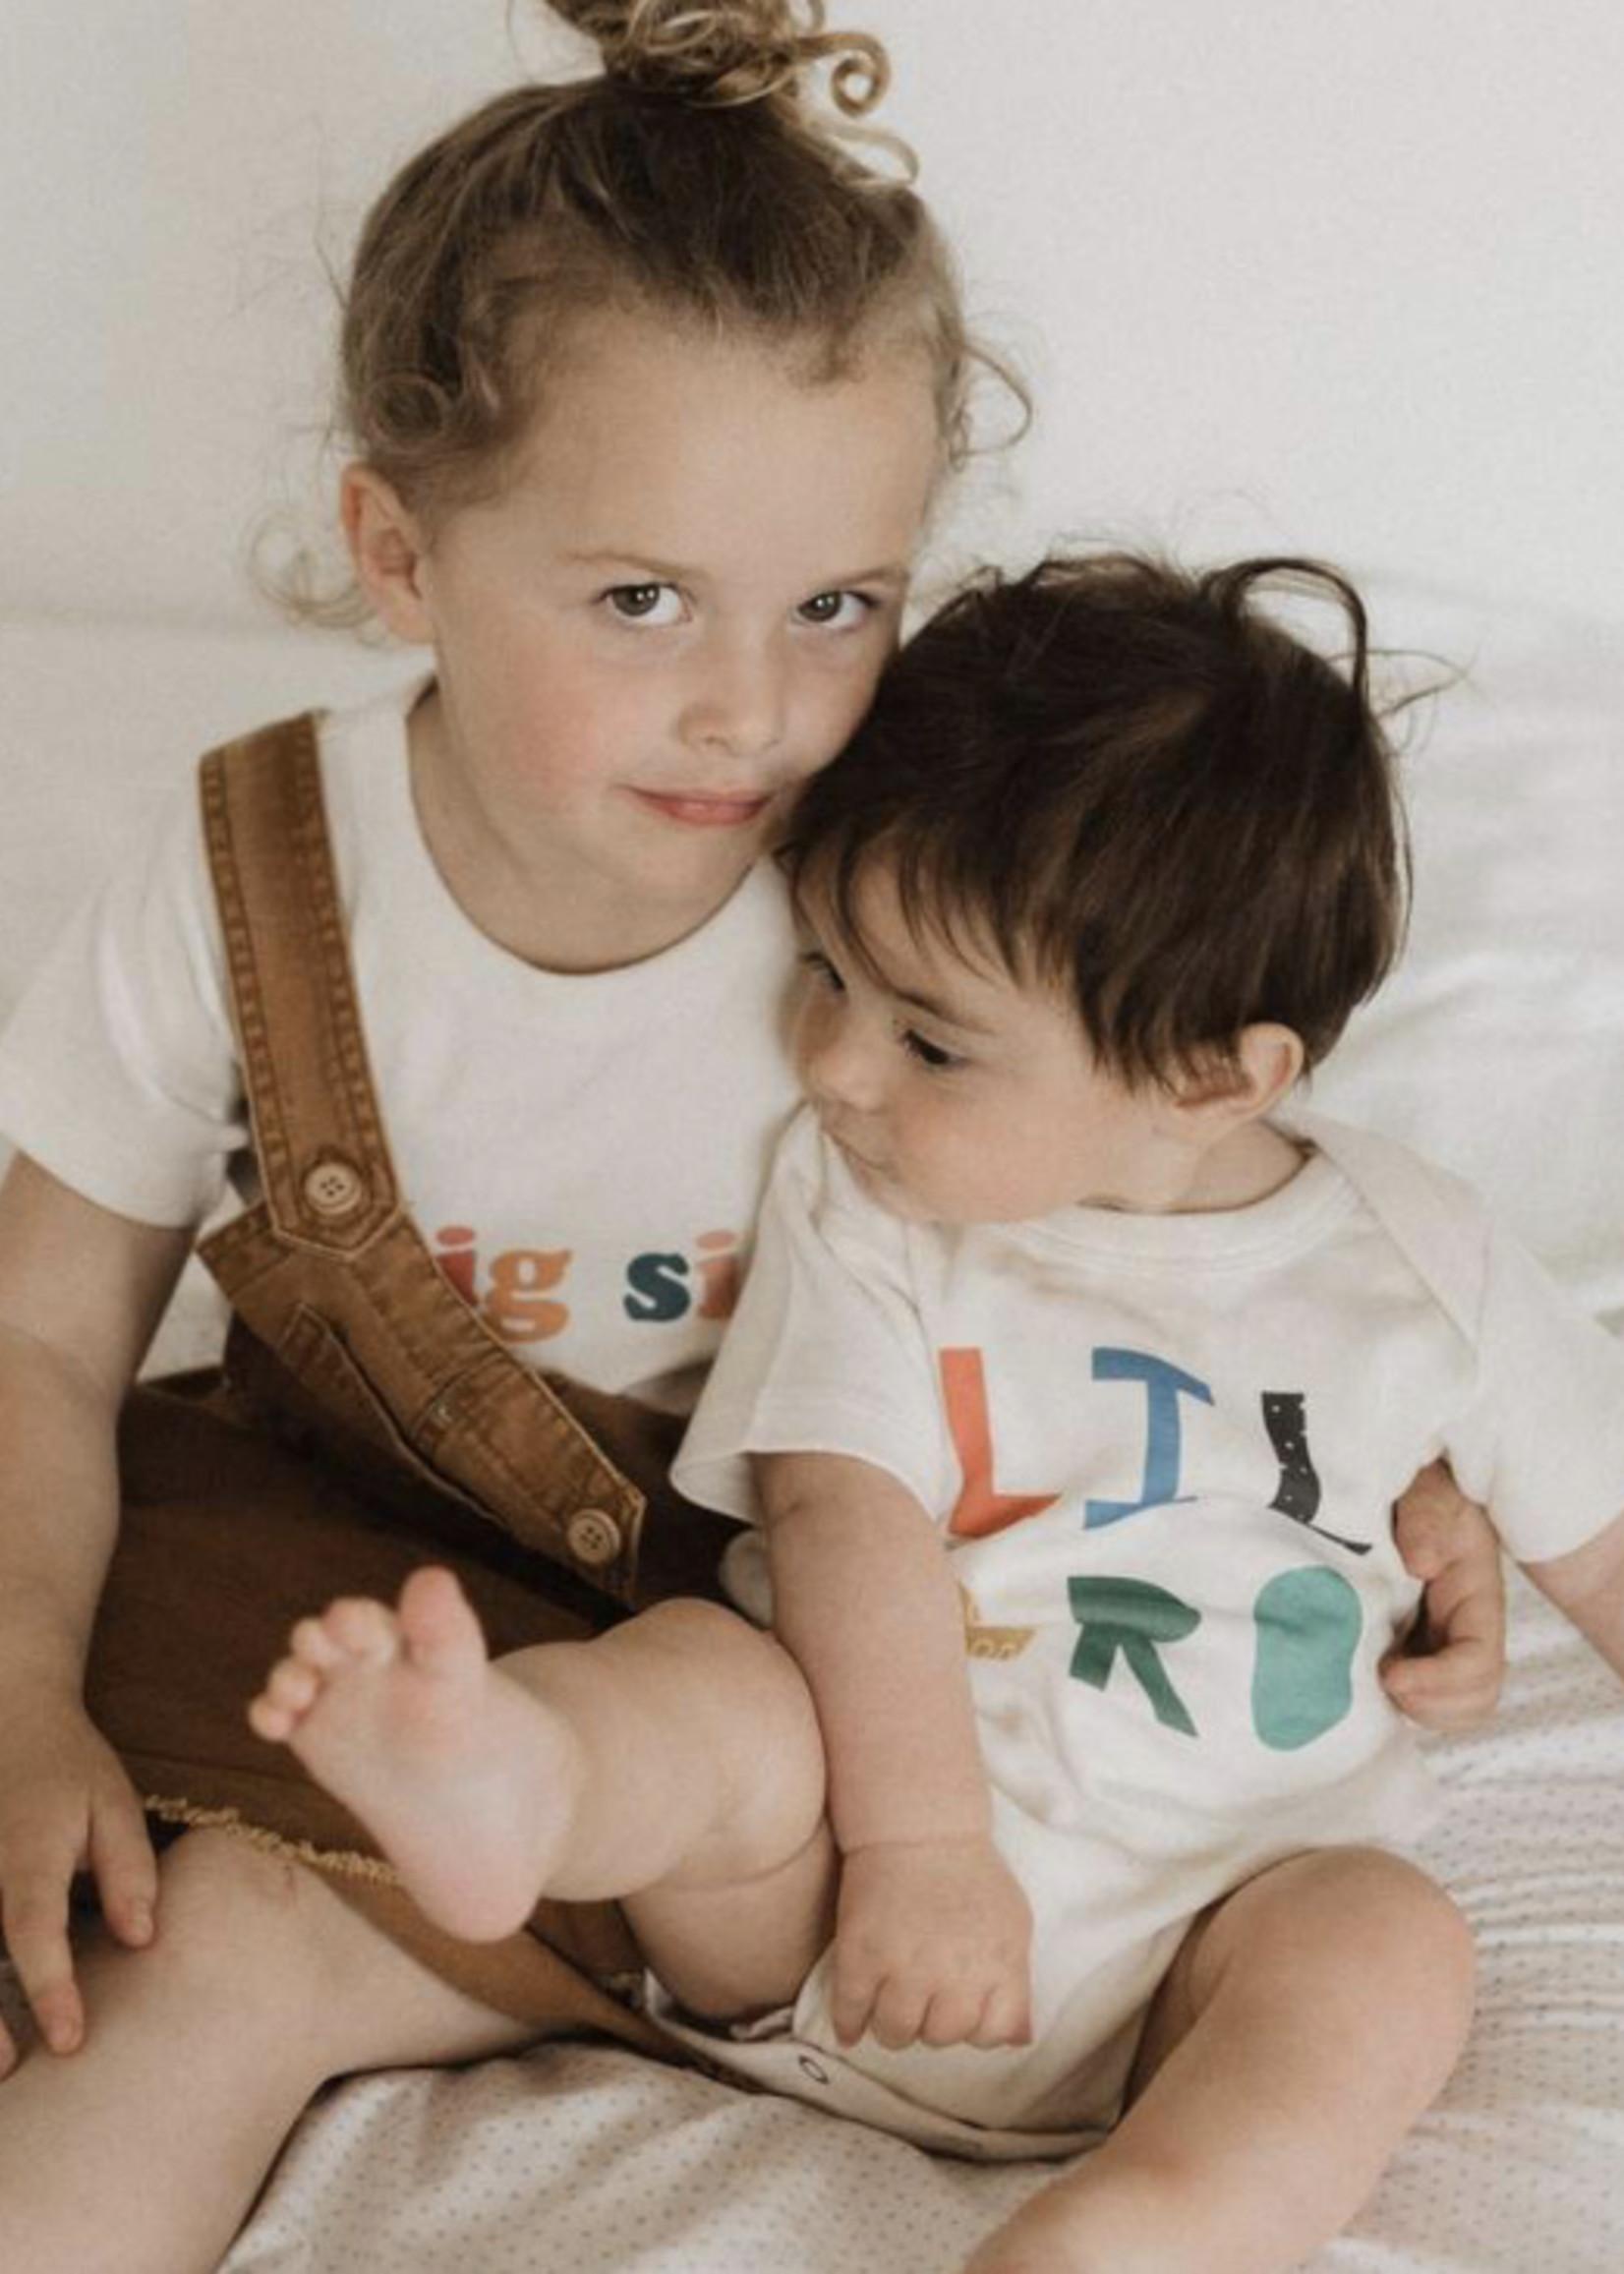 Finn and emma Big Sis Short Sleeve Tee